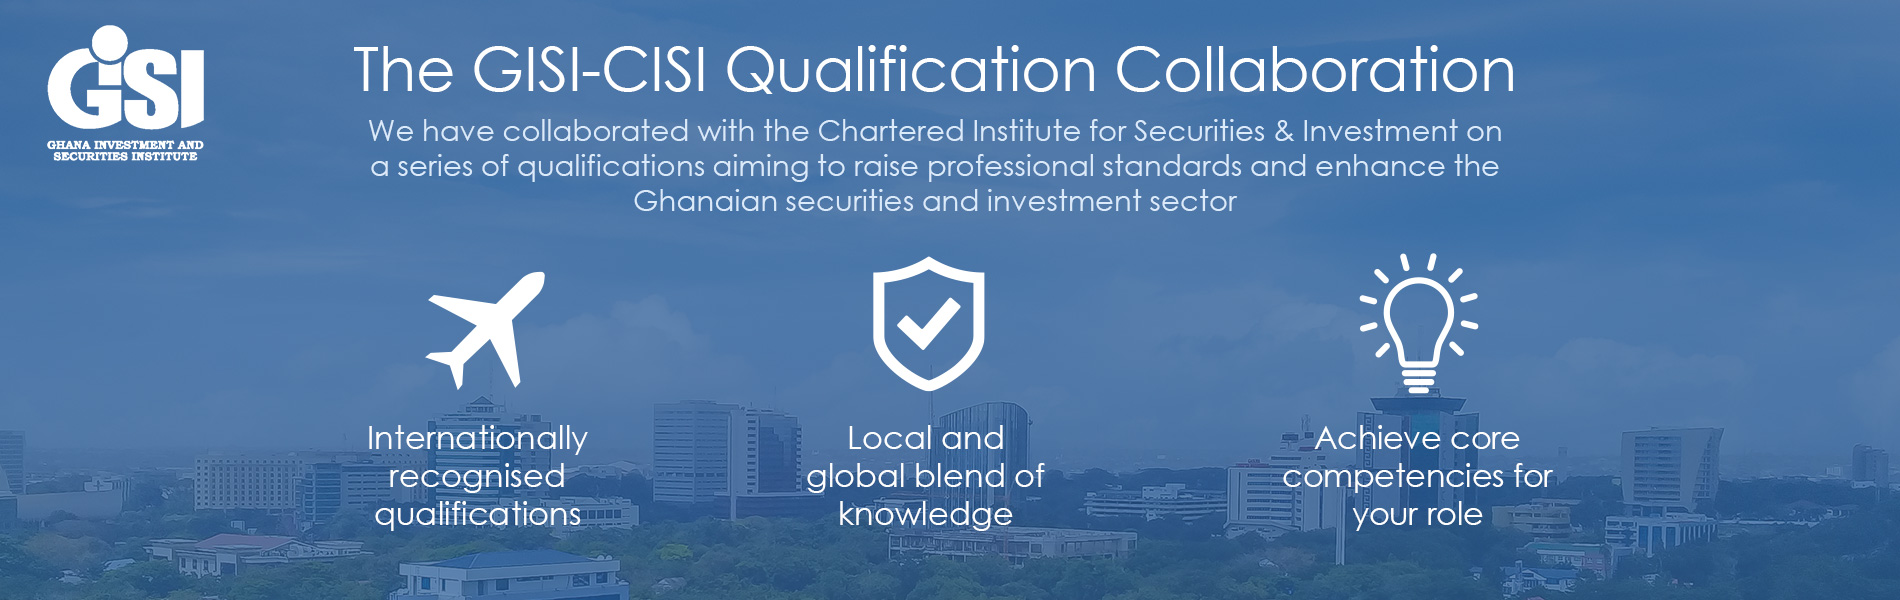 GISI-CISI Banner 1